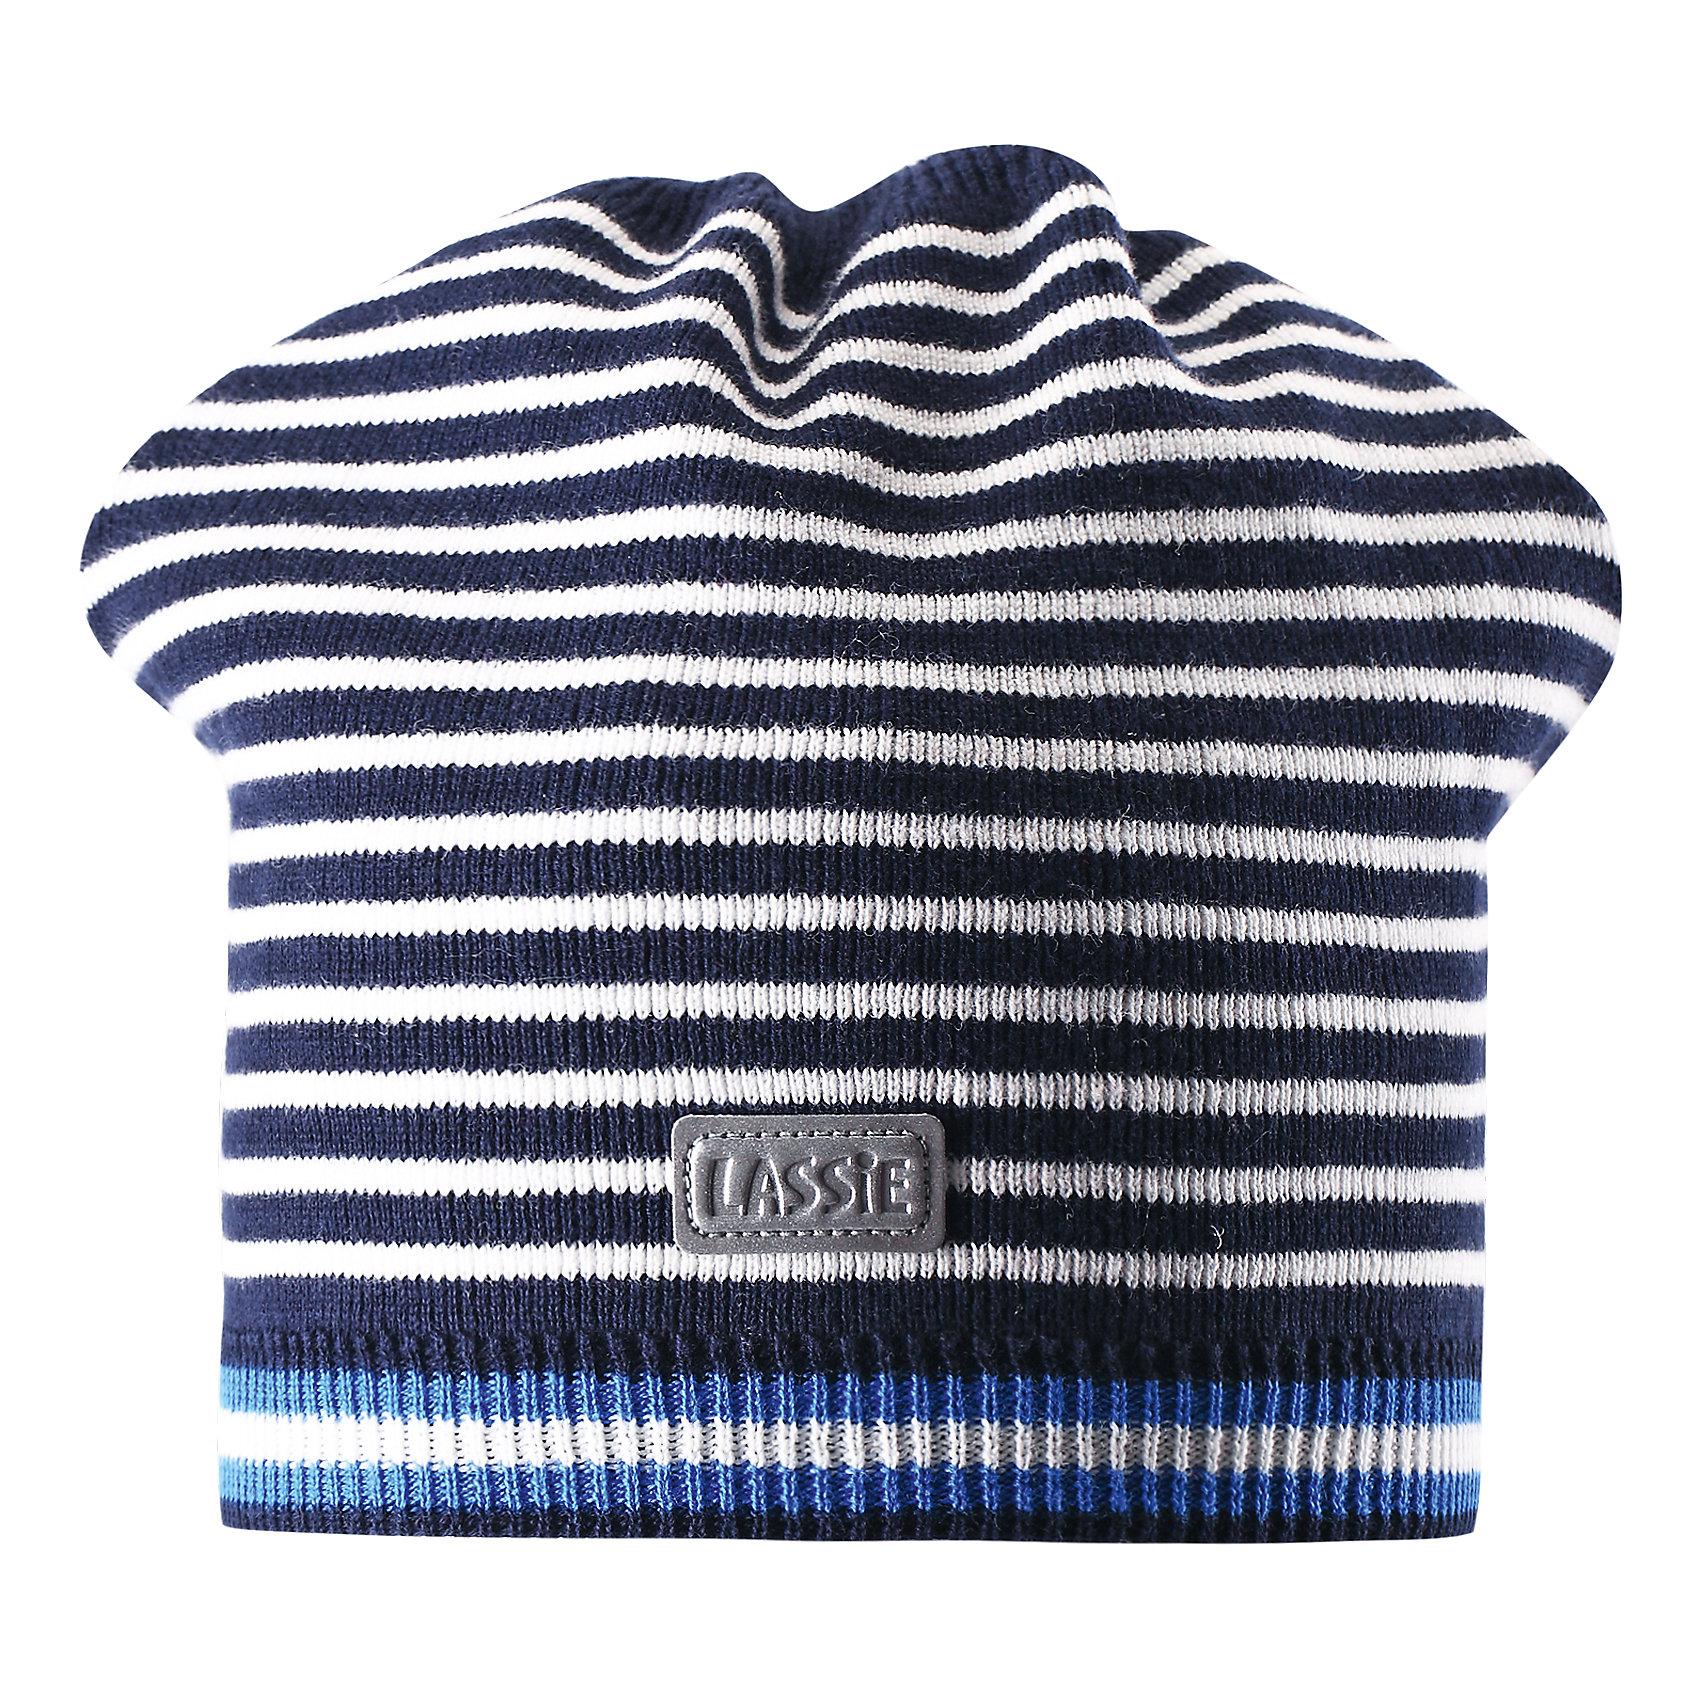 Шапка  LASSIE by ReimaШапка от известной компании LASSIE by Reima<br><br>Стильная и удобная шапка - отличная вещь для прогулок и активного отдыха. Она стильно смотрится и хорошо сидит.<br><br>Необычная форма оживляет дизайн изделия - такую вещь дети будут носить с удовольствием!<br><br>Особенности модели:<br><br>- цвет: белый черный;<br>- приятный материал;<br>- натуральный хлопок;<br>- стильный дизайн;<br>- в полоску;<br>- светоотражающая нашивка;<br>- глубокая посадка.<br><br>Дополнительная информация:<br><br>Температурный режим: от -5° до +15° С<br><br>Состав: 100% хлопок<br><br>Шапку от известной компании LASSIE by Reima (Лэсси Рейма) можно купить в нашем магазине.<br><br>Ширина мм: 89<br>Глубина мм: 117<br>Высота мм: 44<br>Вес г: 155<br>Цвет: синий<br>Возраст от месяцев: 72<br>Возраст до месяцев: 120<br>Пол: Унисекс<br>Возраст: Детский<br>Размер: 54-56,50-52<br>SKU: 4555417